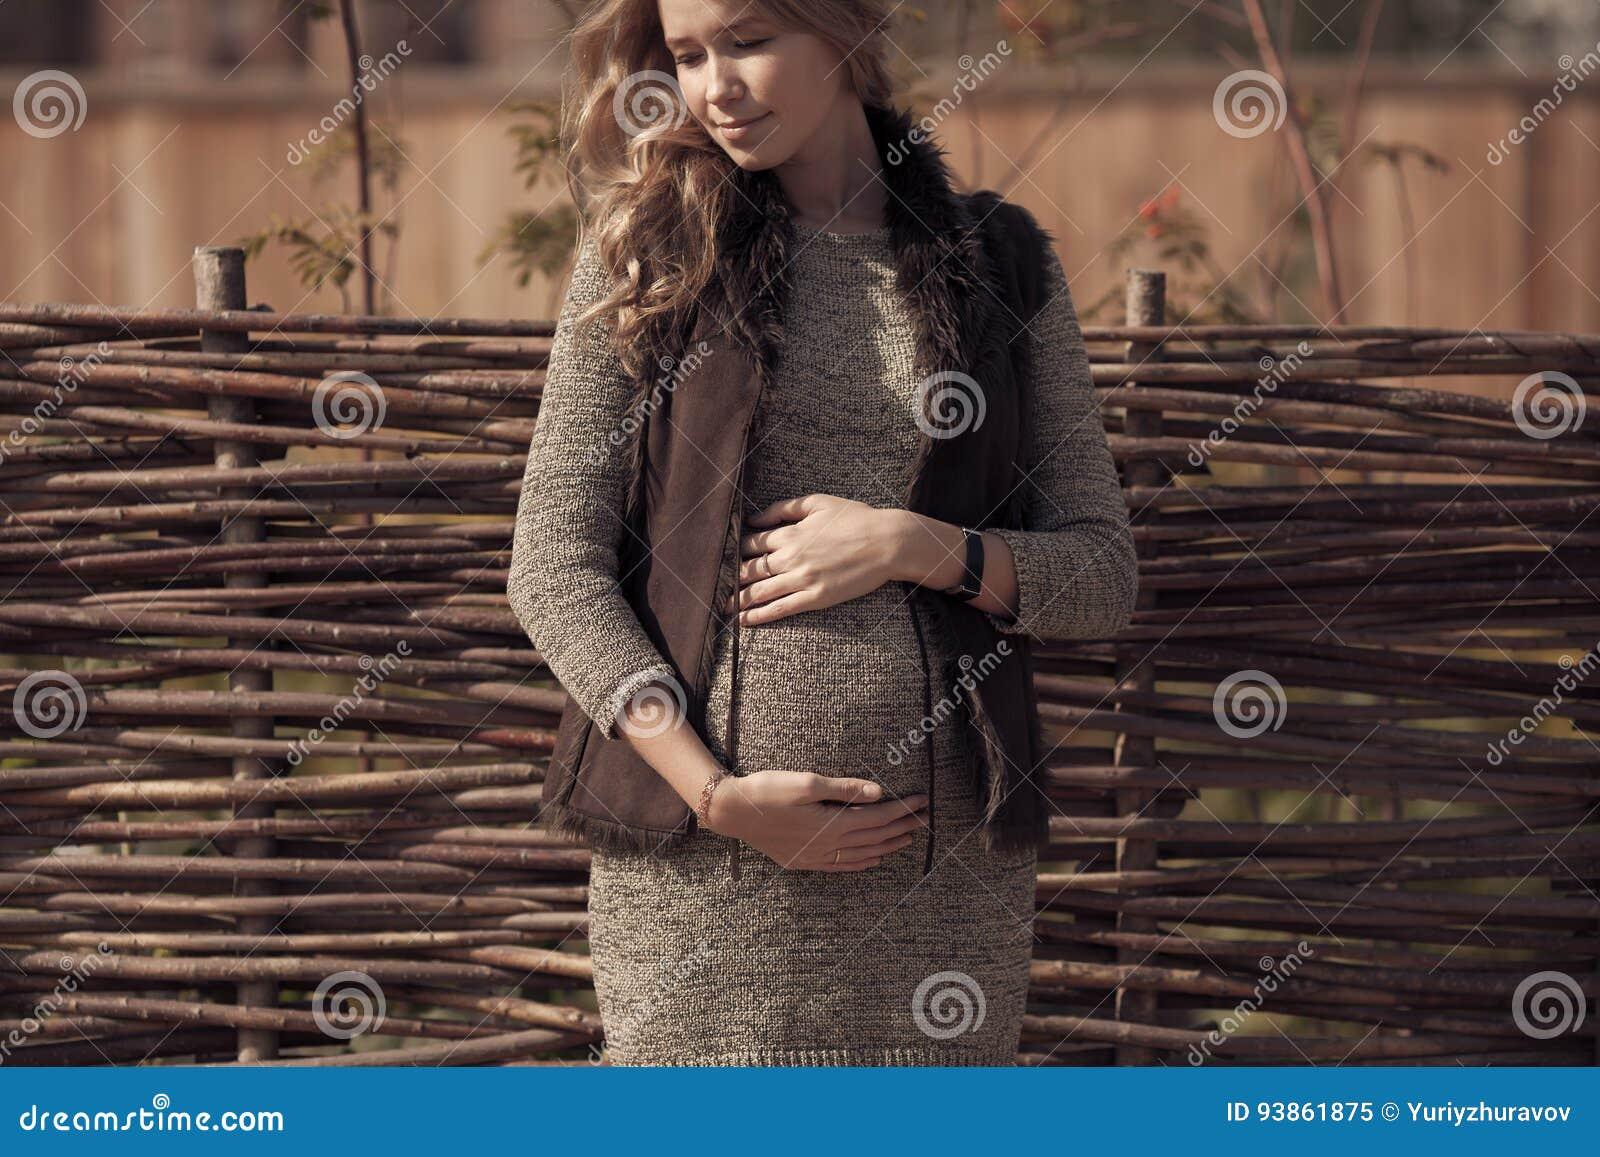 Привлекательная беременная женщина в уютных одеждах на сельской местности